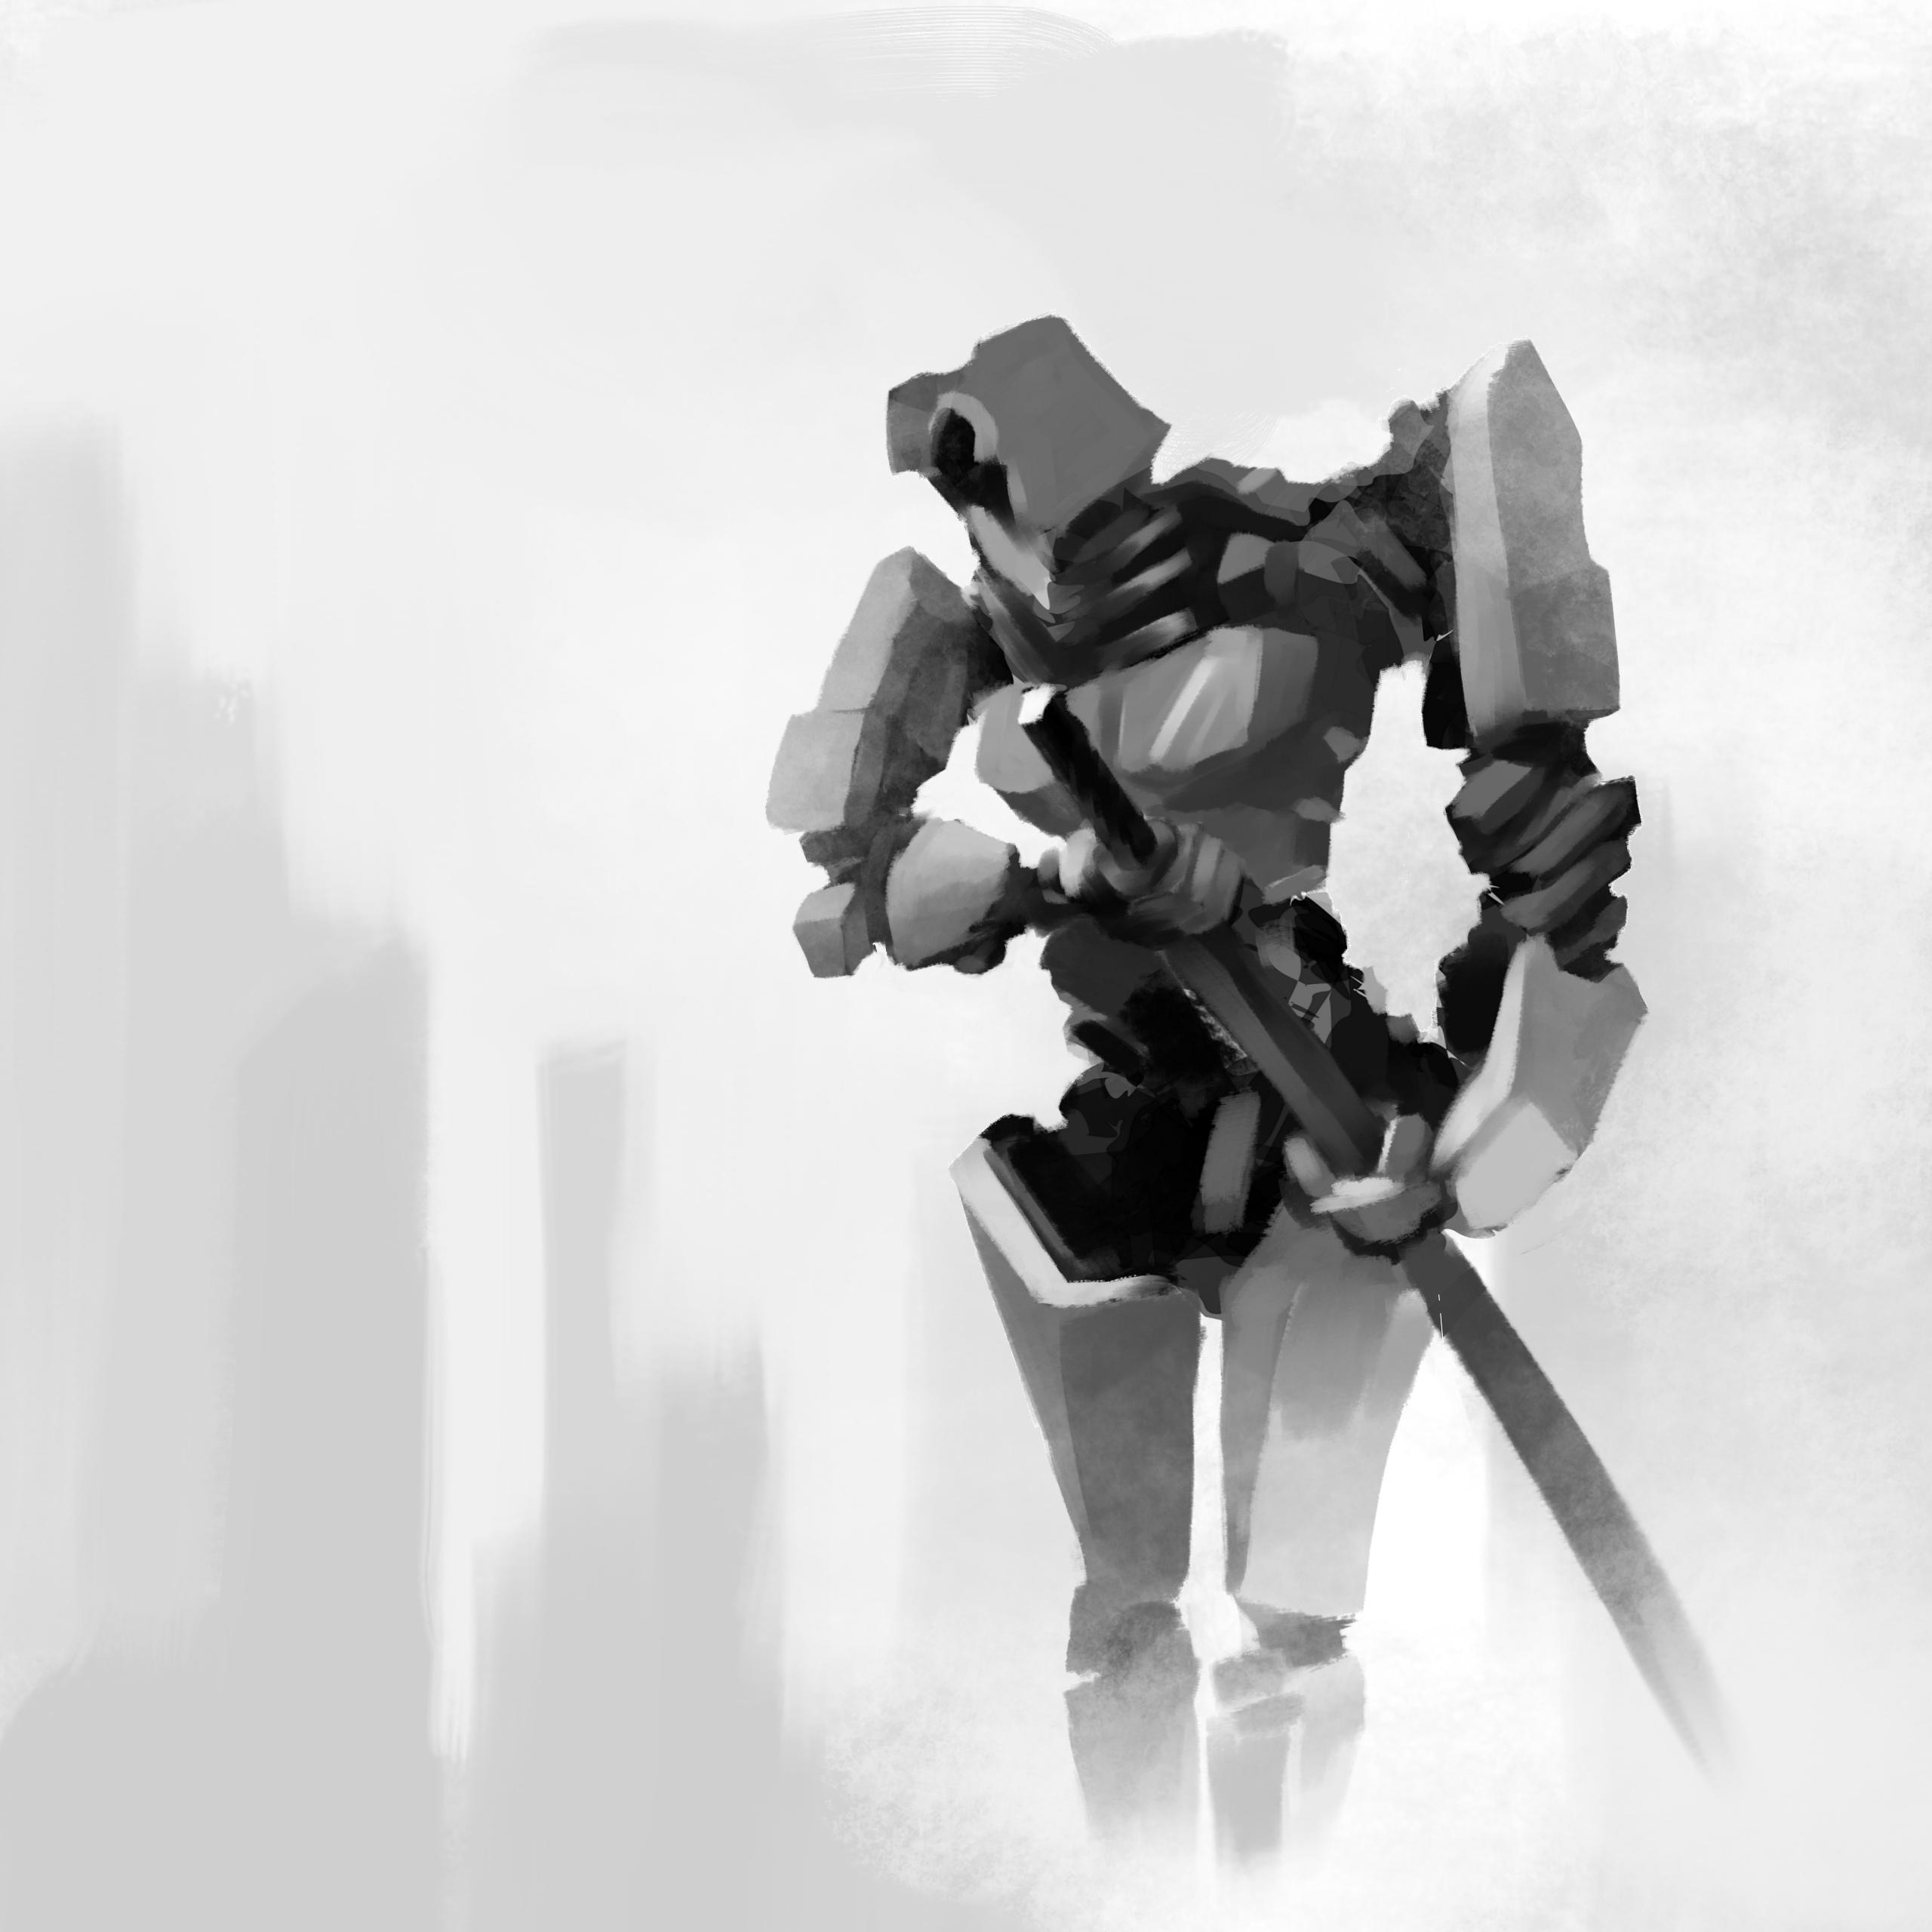 Samurai Mech 001